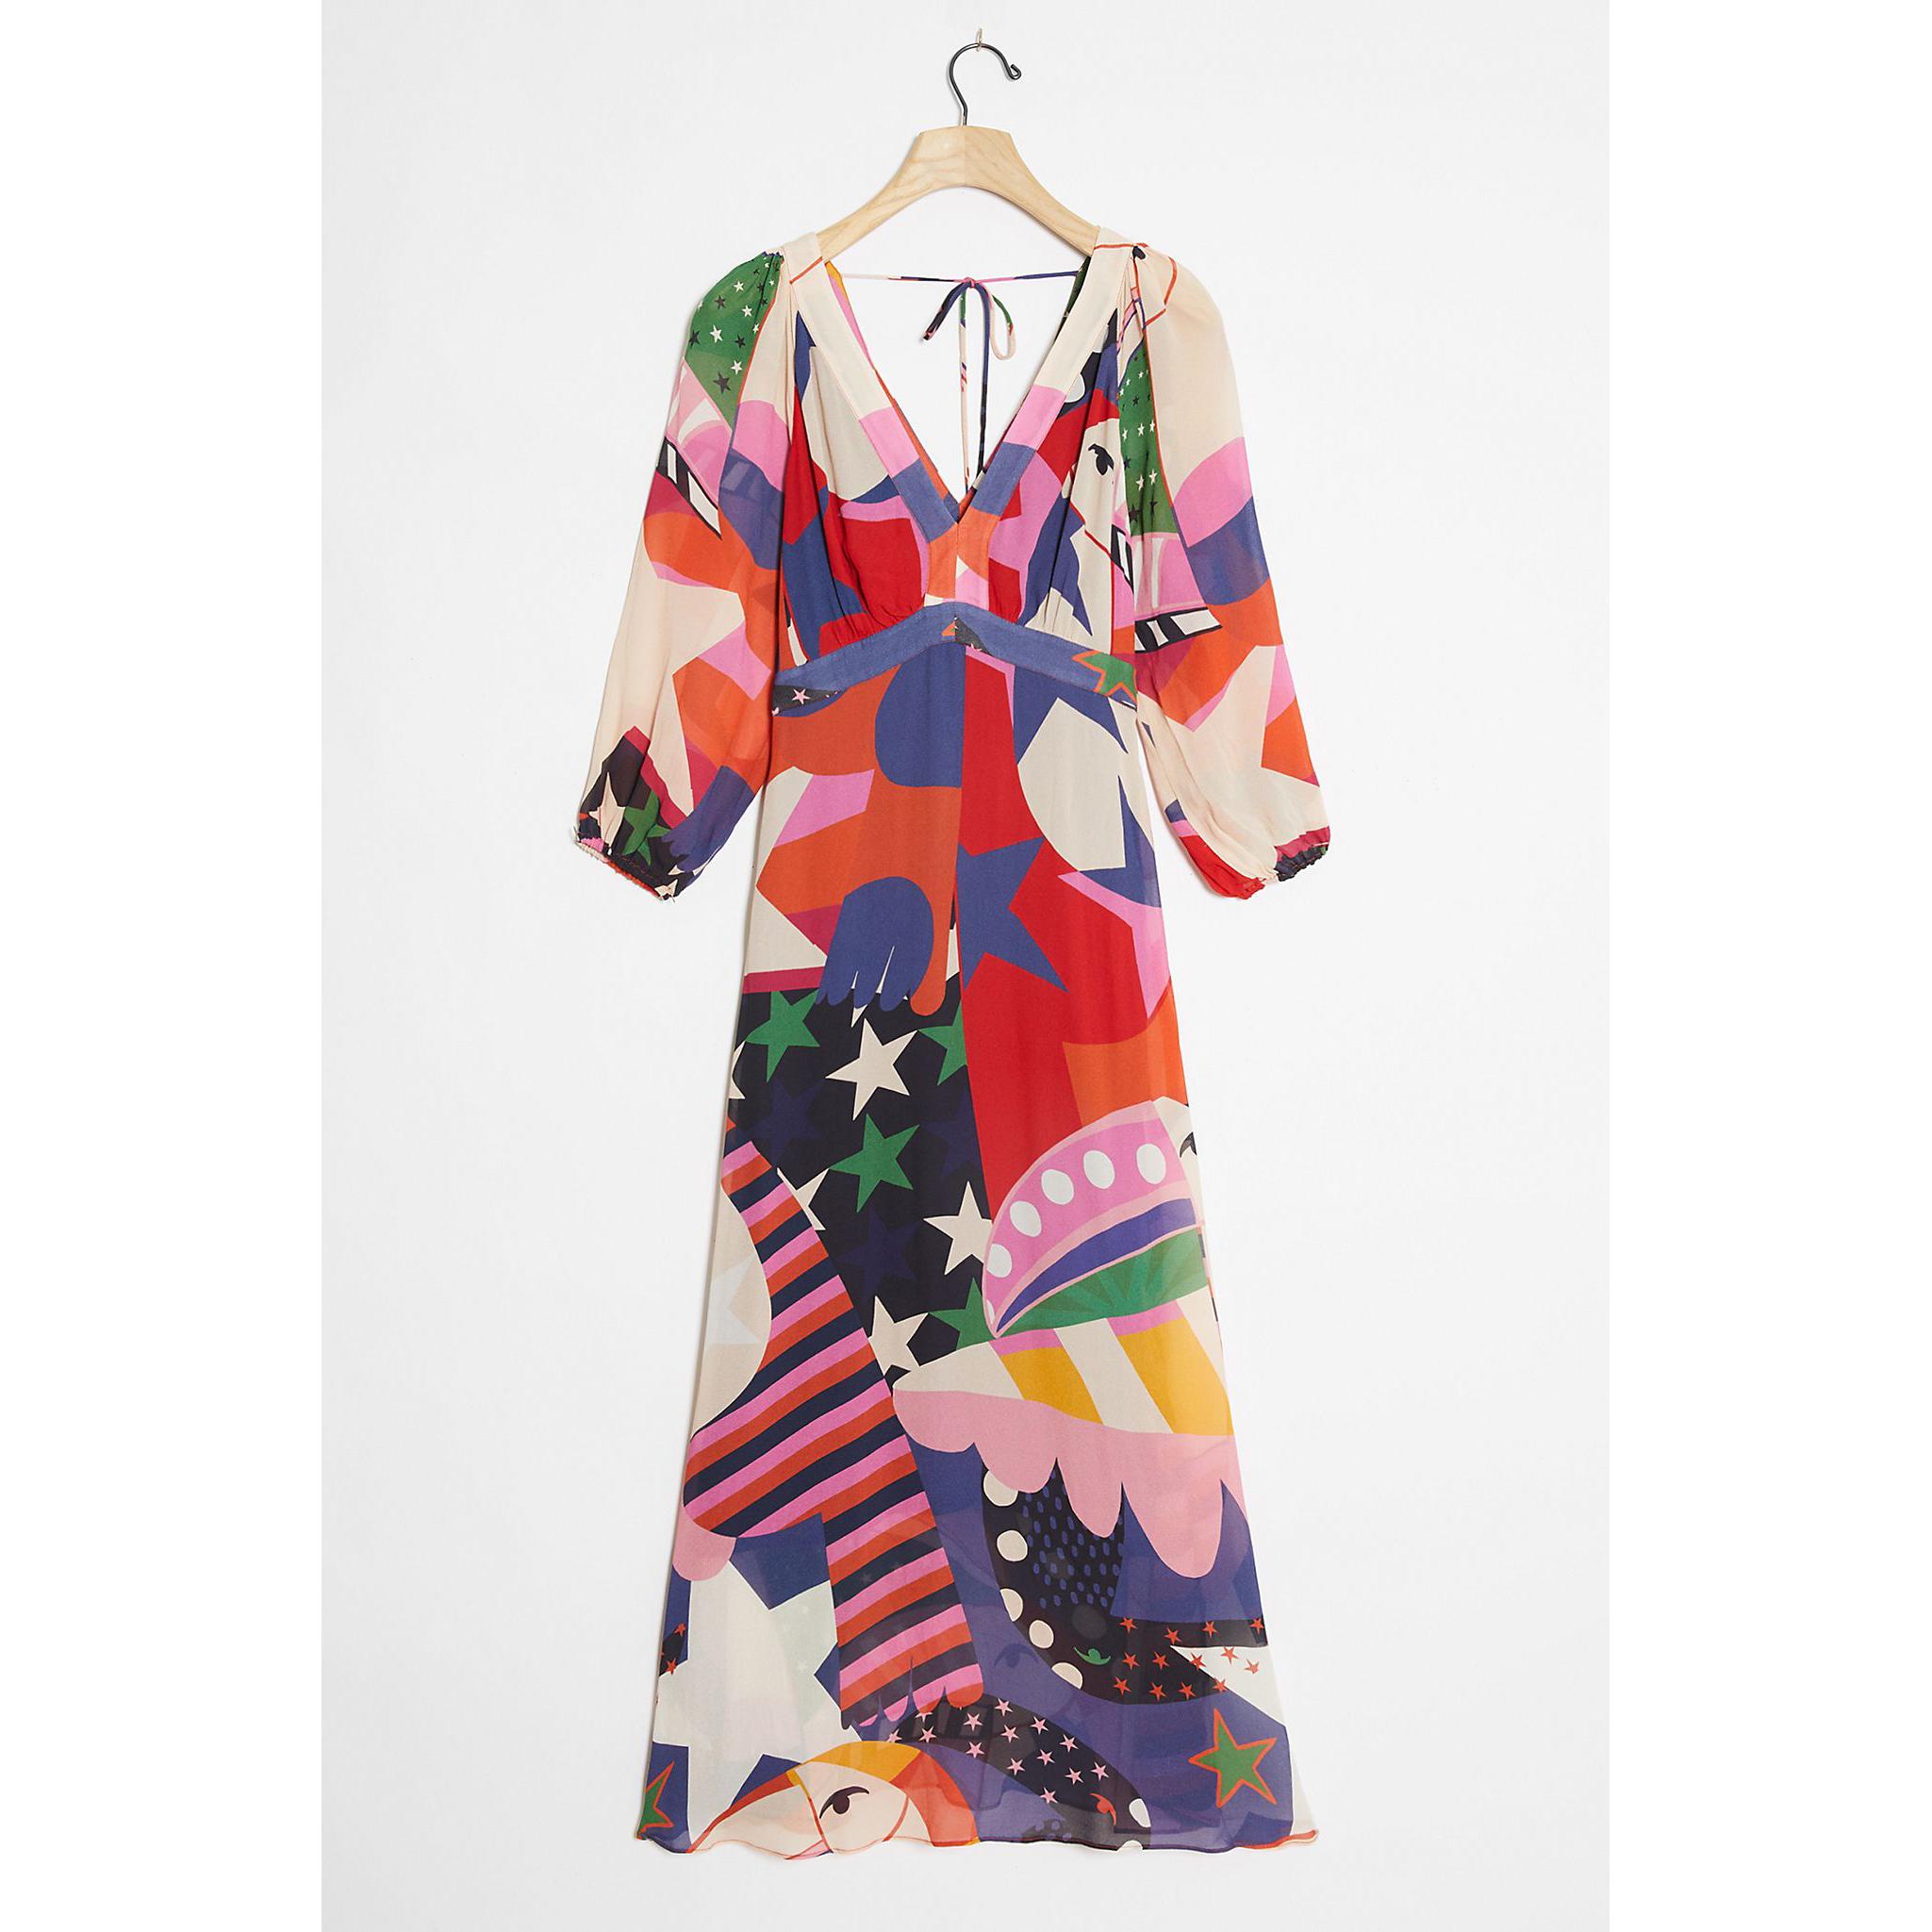 Farm Rio Viviana Ruffled Maxi Dress